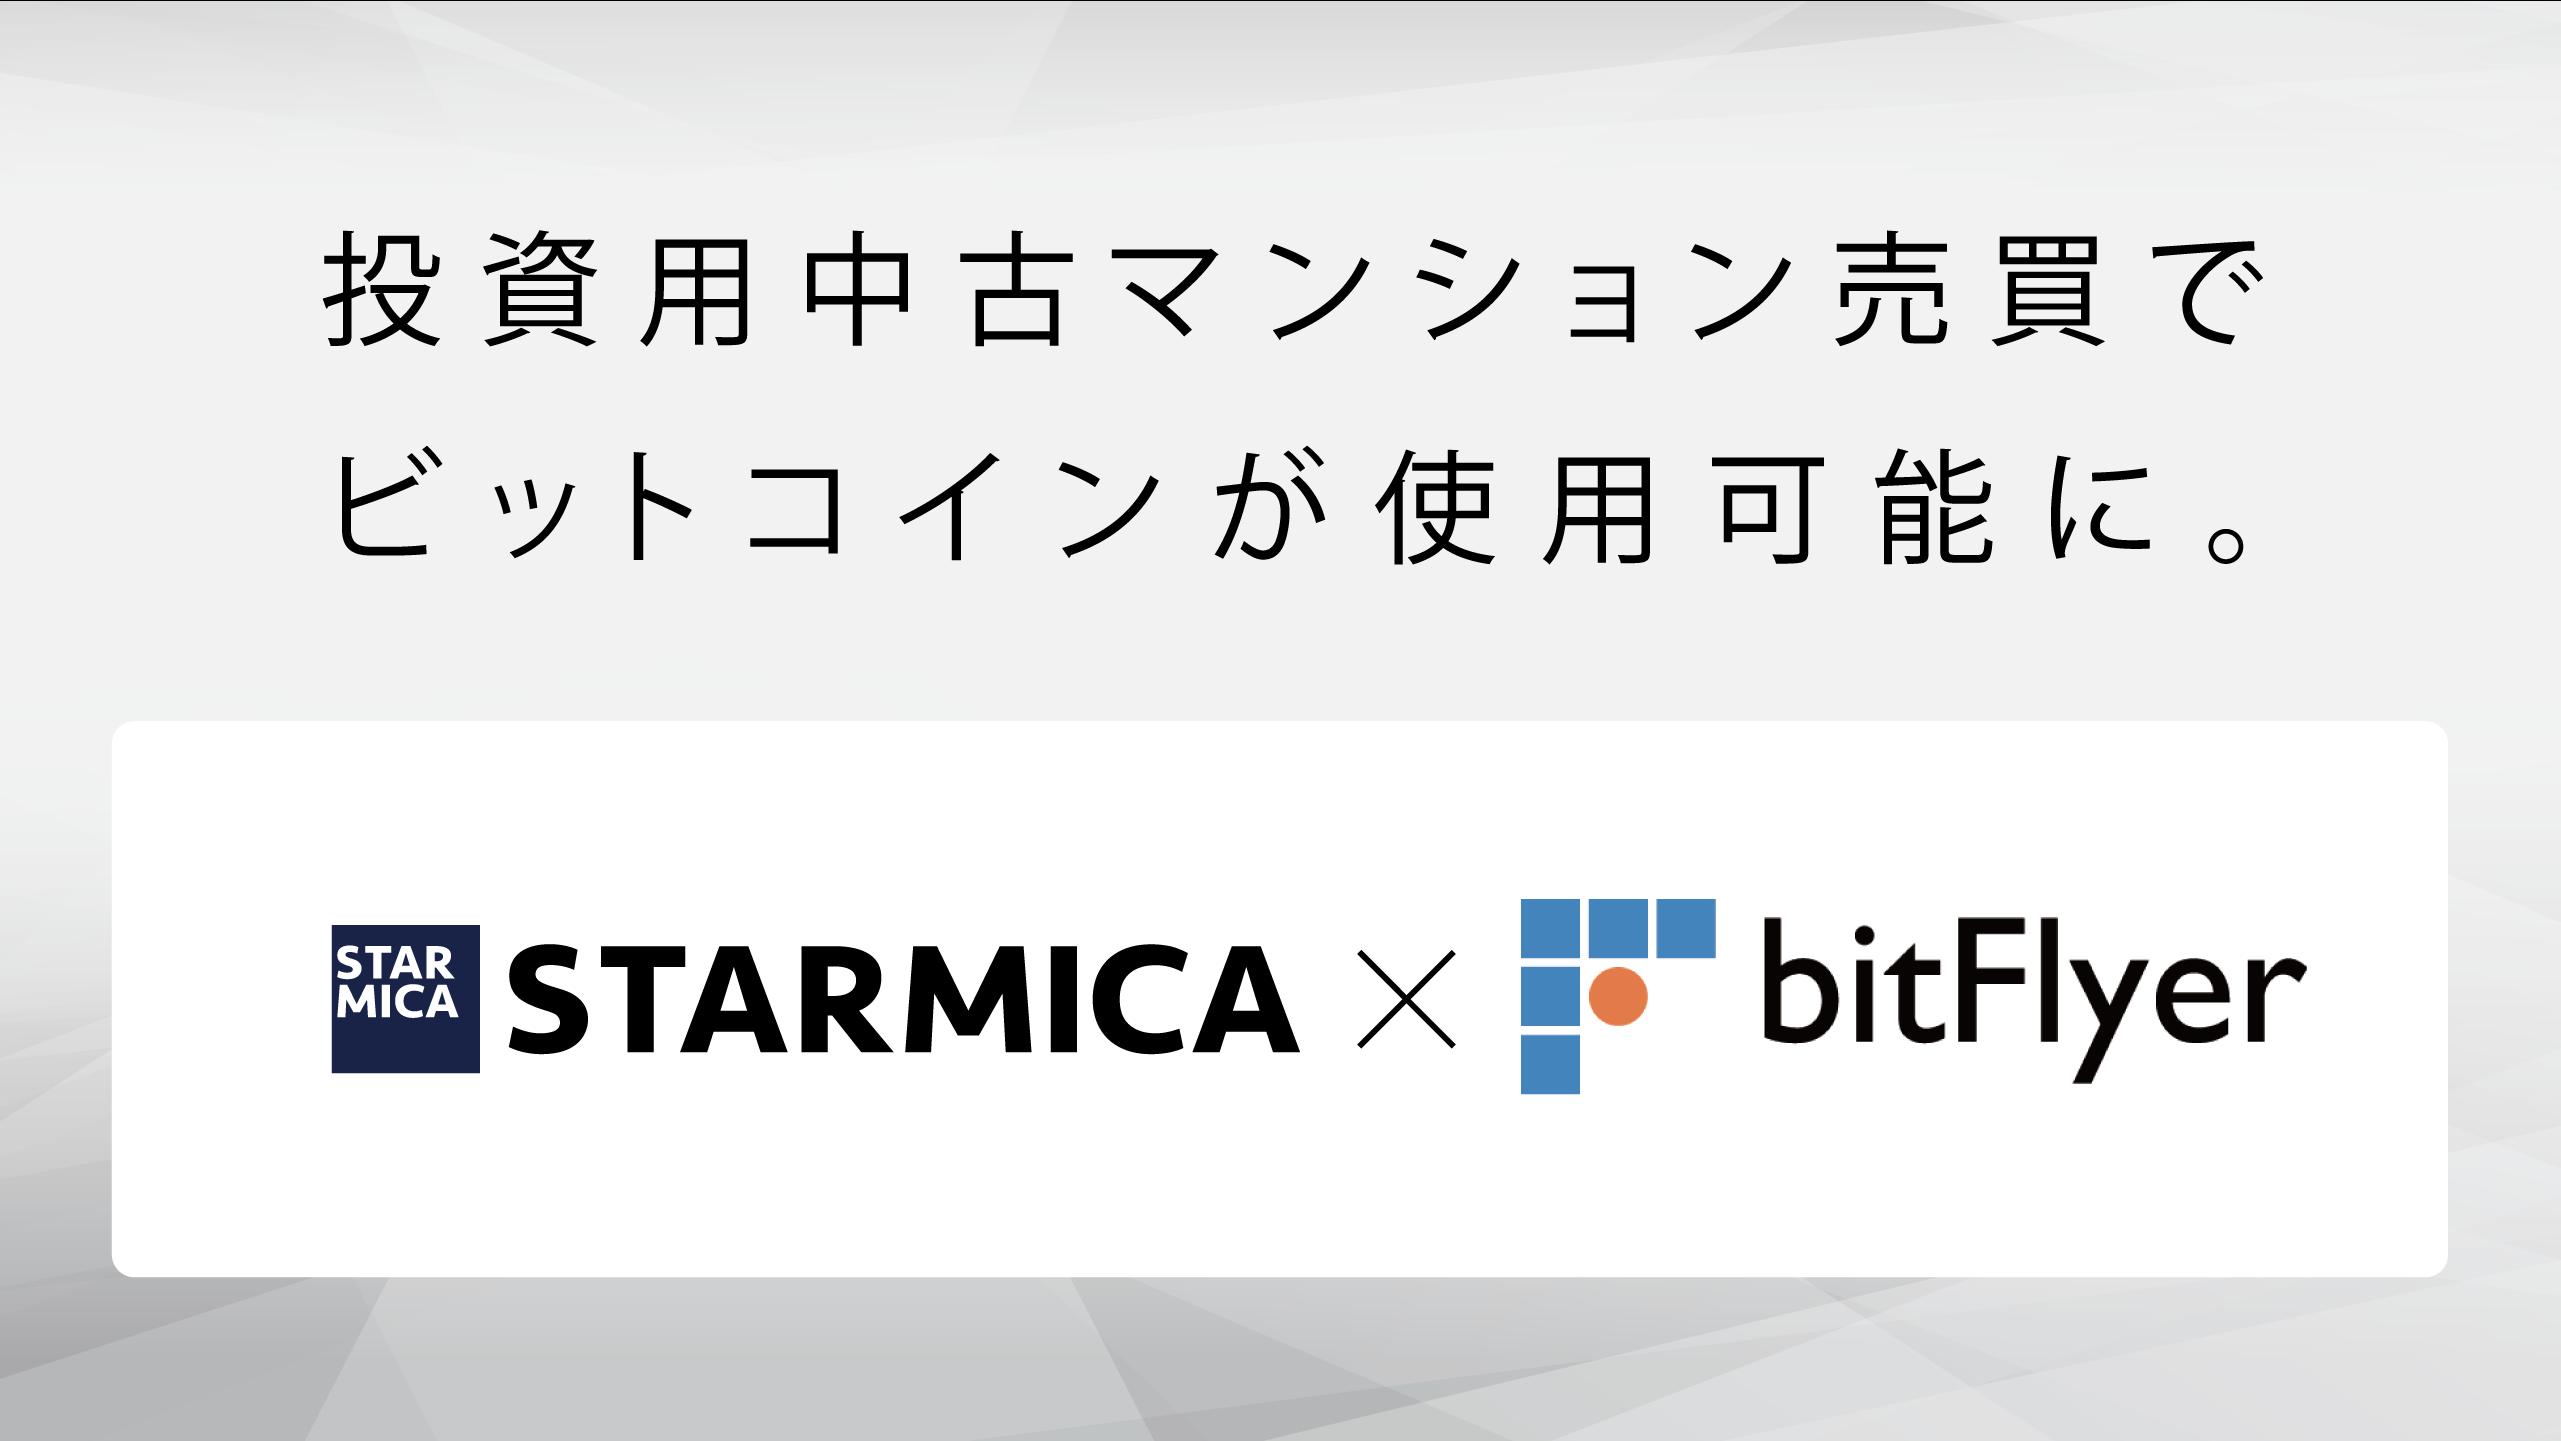 不動産取引にbitFlyerの提供するビットコイン決済サービスを導入投資用中古マンション販売において仮想通貨による不動産取引を開始します。